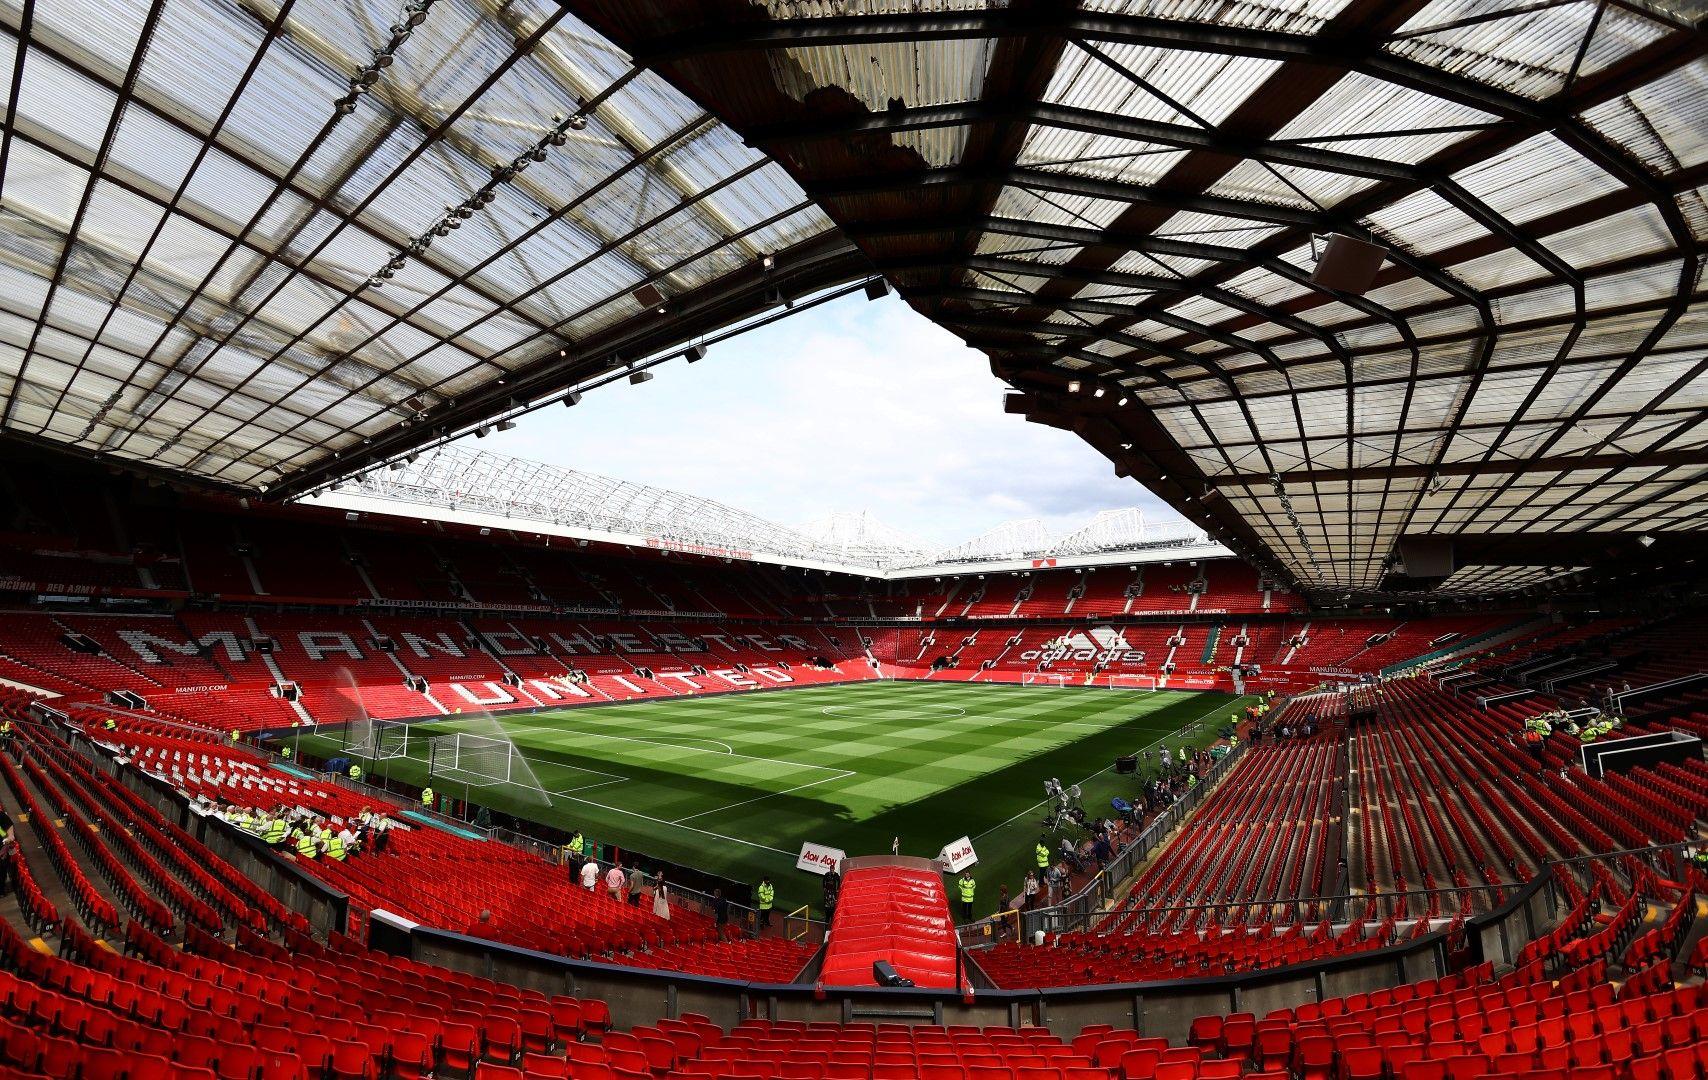 Стадионът днес - близо 80-хиляден, както в началото, но вече изцяло покрит и със седящи места